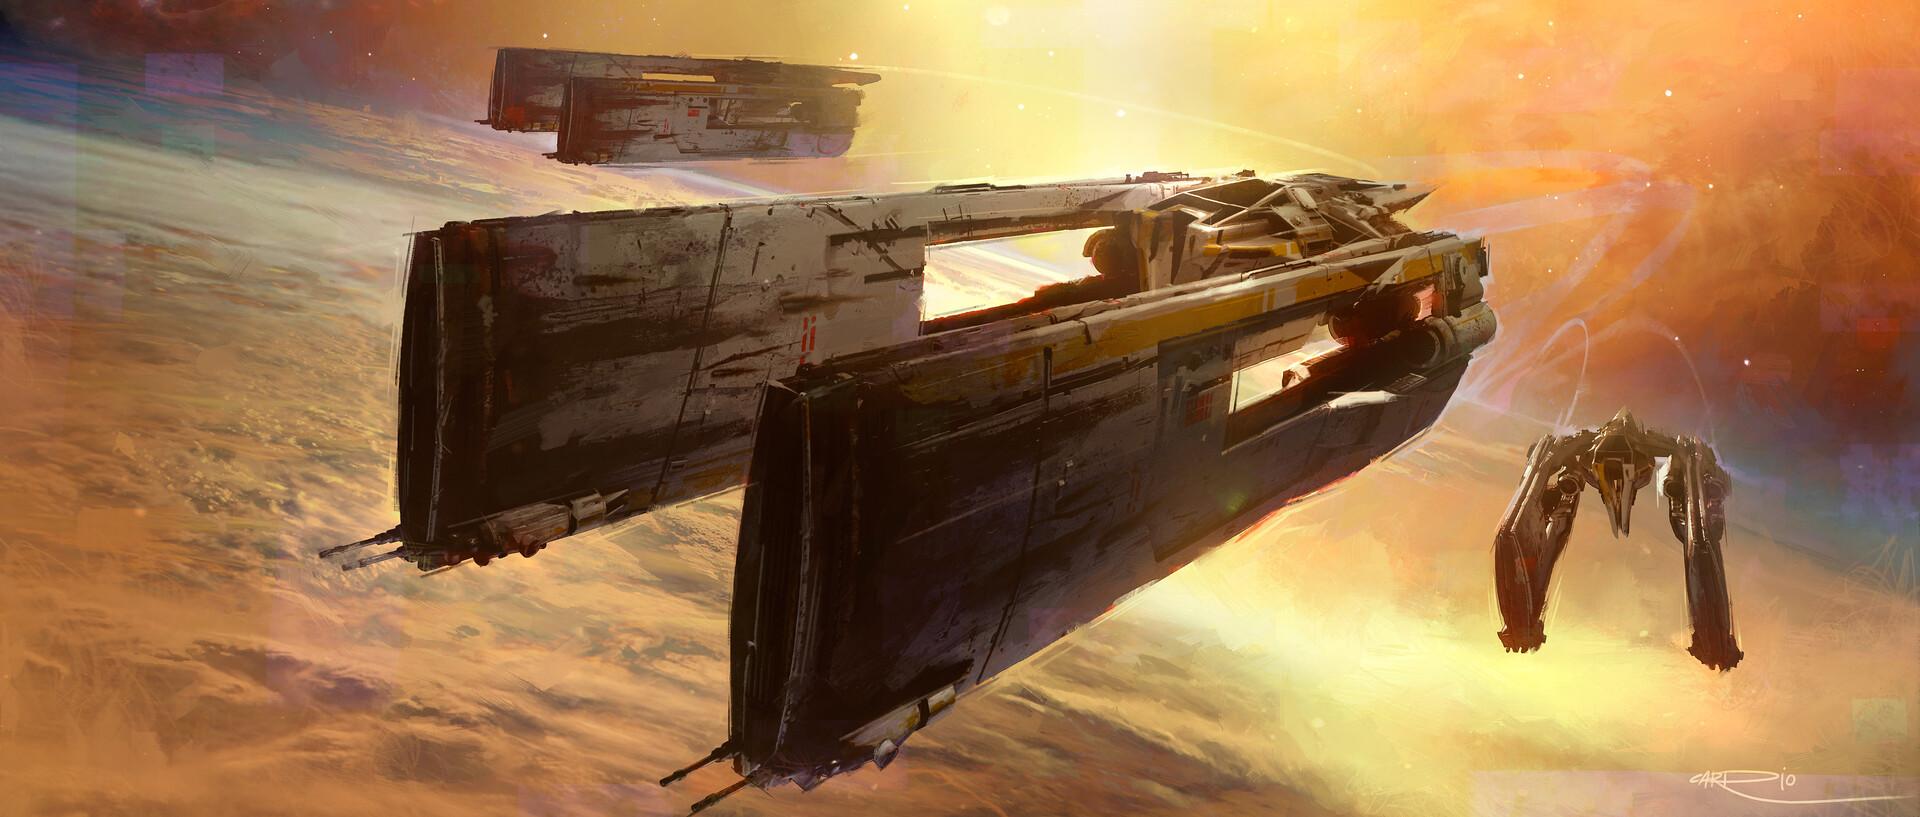 Pablo carpio spaceship 1 4k